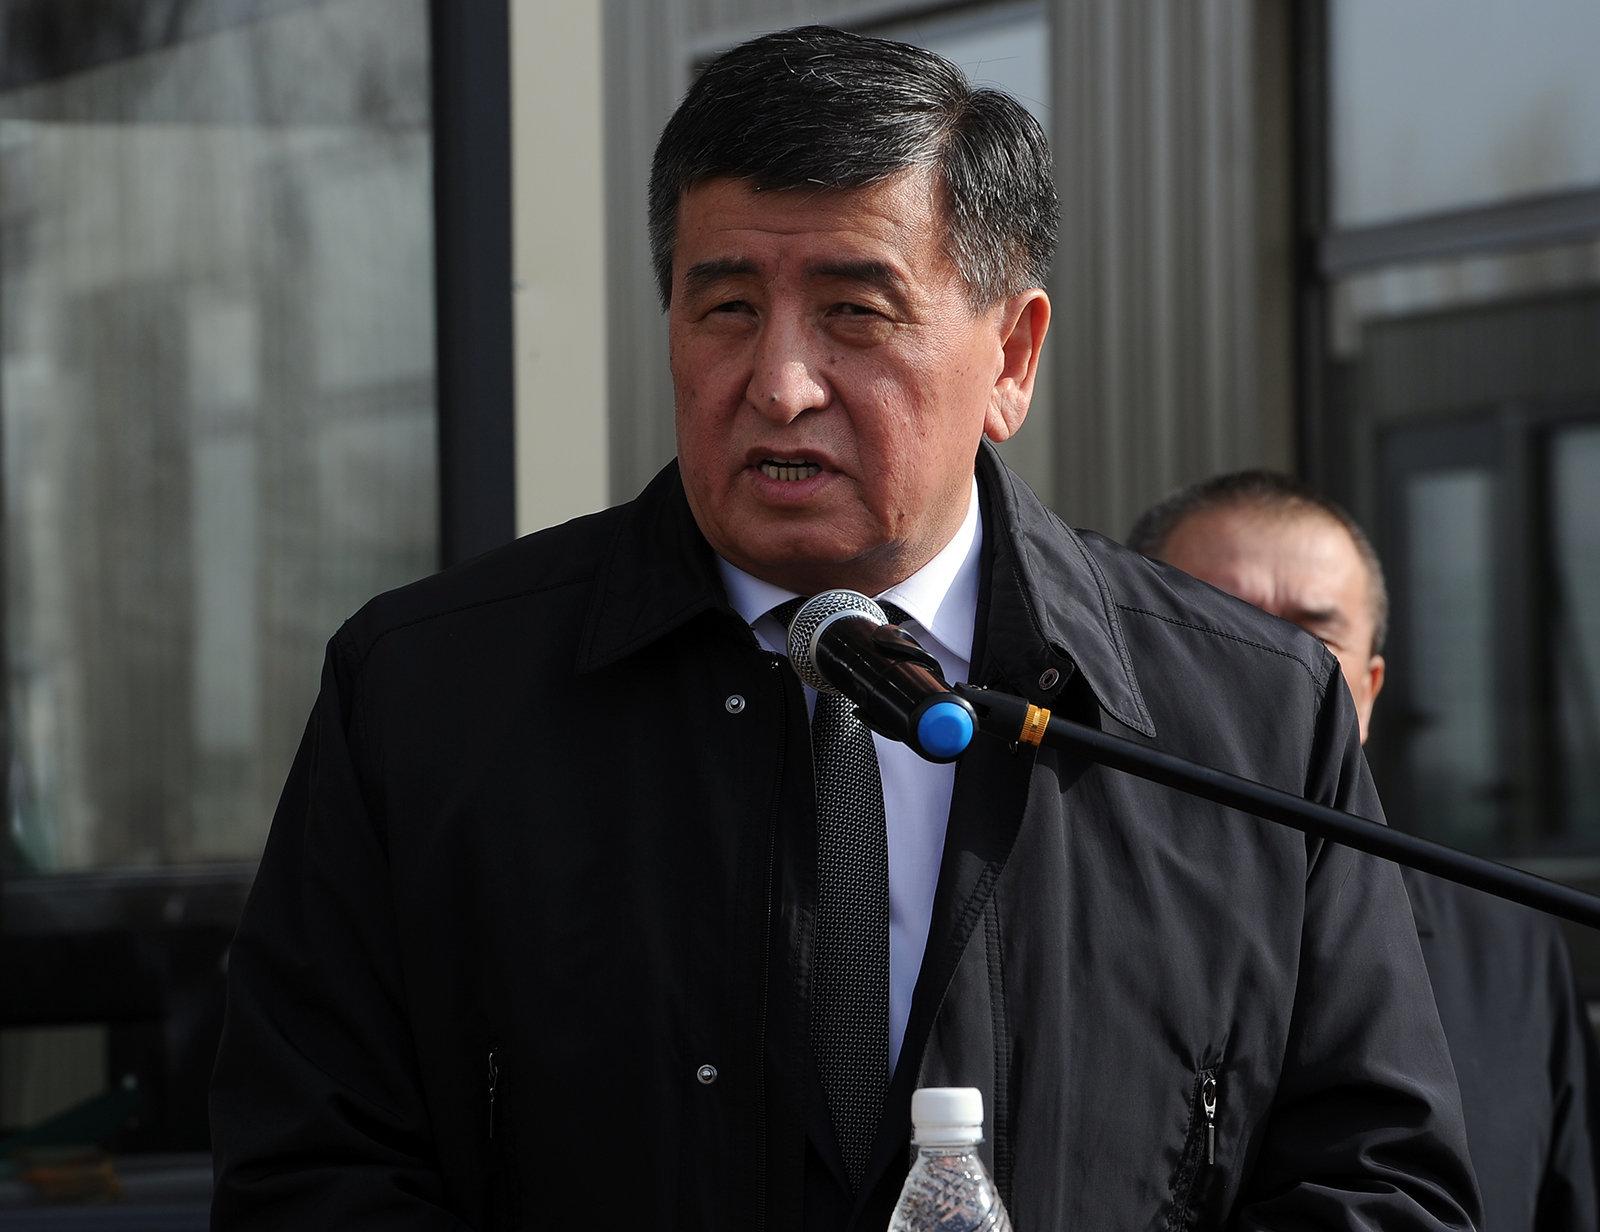 Премьер-министр Сооронбай Жээнбеков на церемонии открытия обновленного контрольно-пропускного пункта Токмок-автодорожный